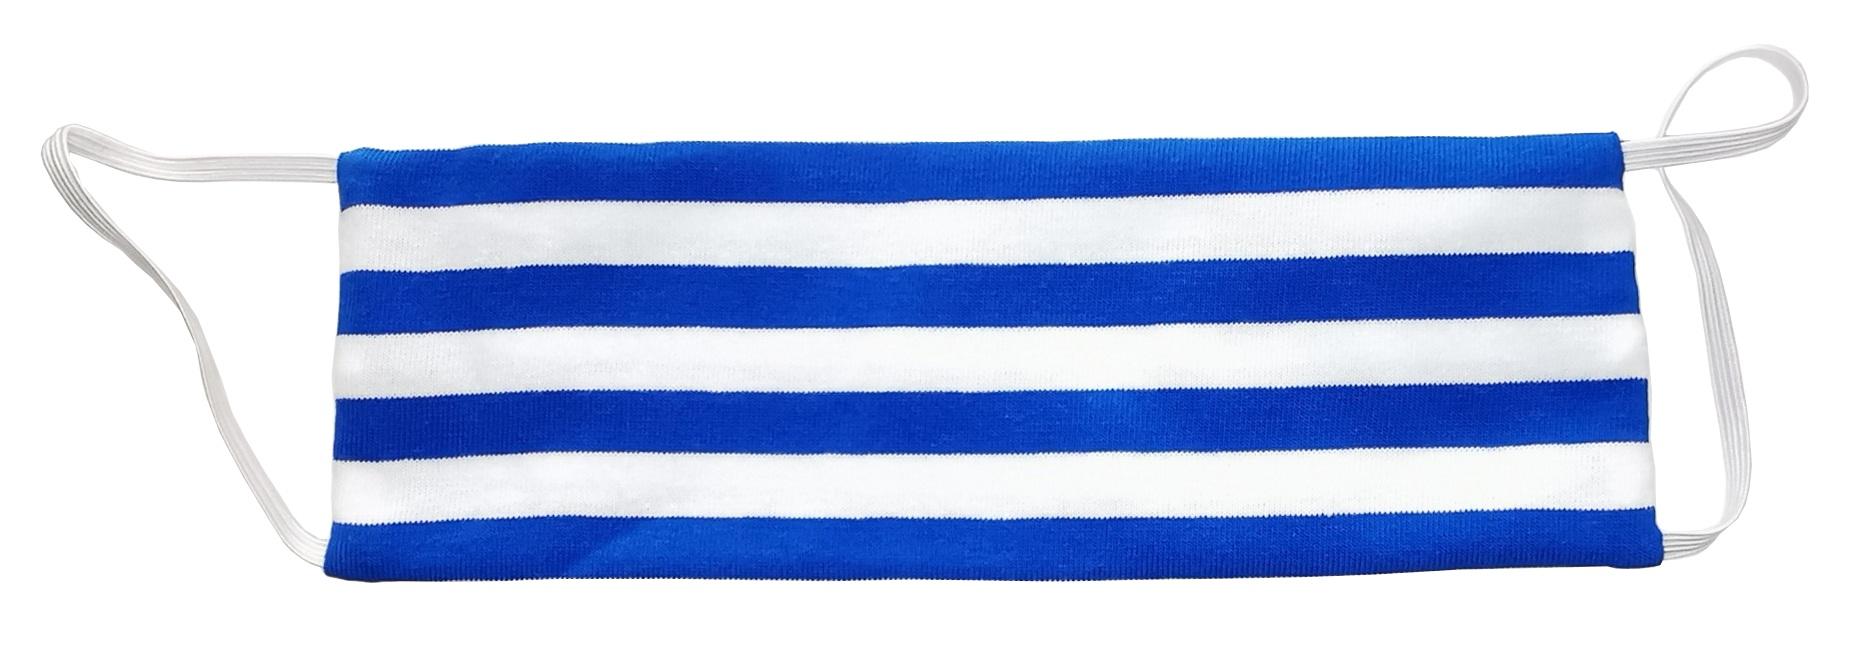 AGLAE MICHON Маска декоративная многоразовая с карманом для фильтра, цвет сине-белая полоска 1 шт